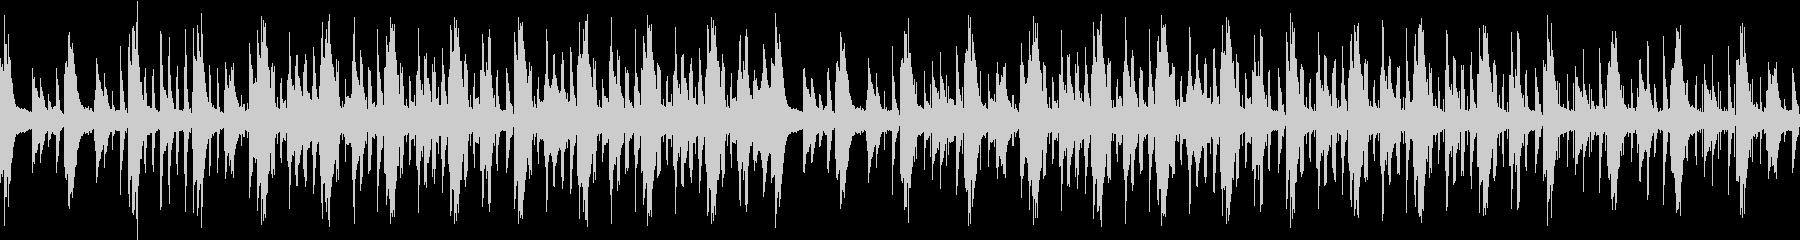 おしゃれ・感動的・都会的・ピアノサウンドの未再生の波形